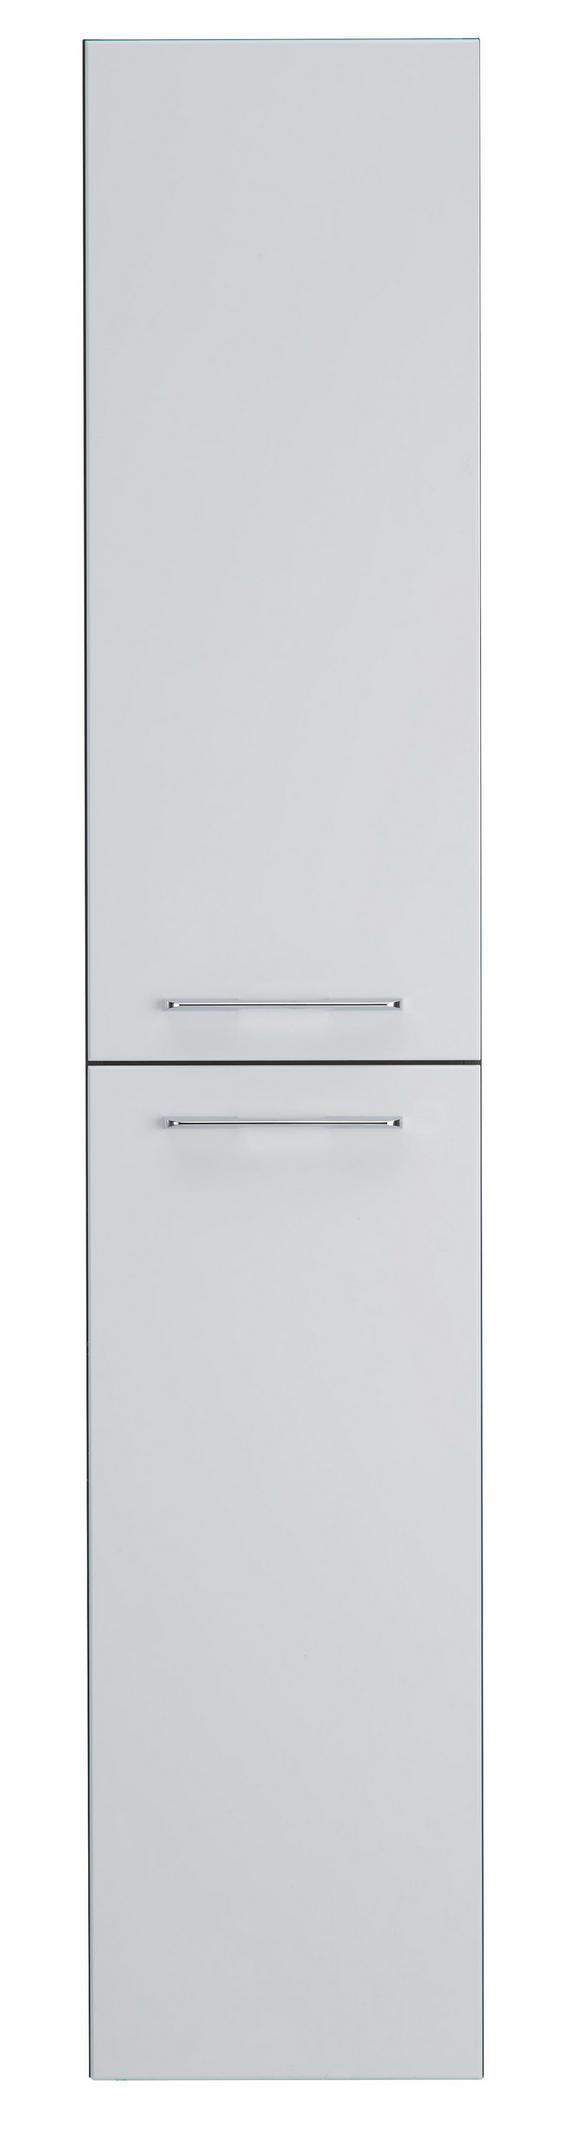 Hochschrank Weiß Hochglanz - Dunkelgrau/Weiß, MODERN, Holzwerkstoff/Metall (35/180/30cm)